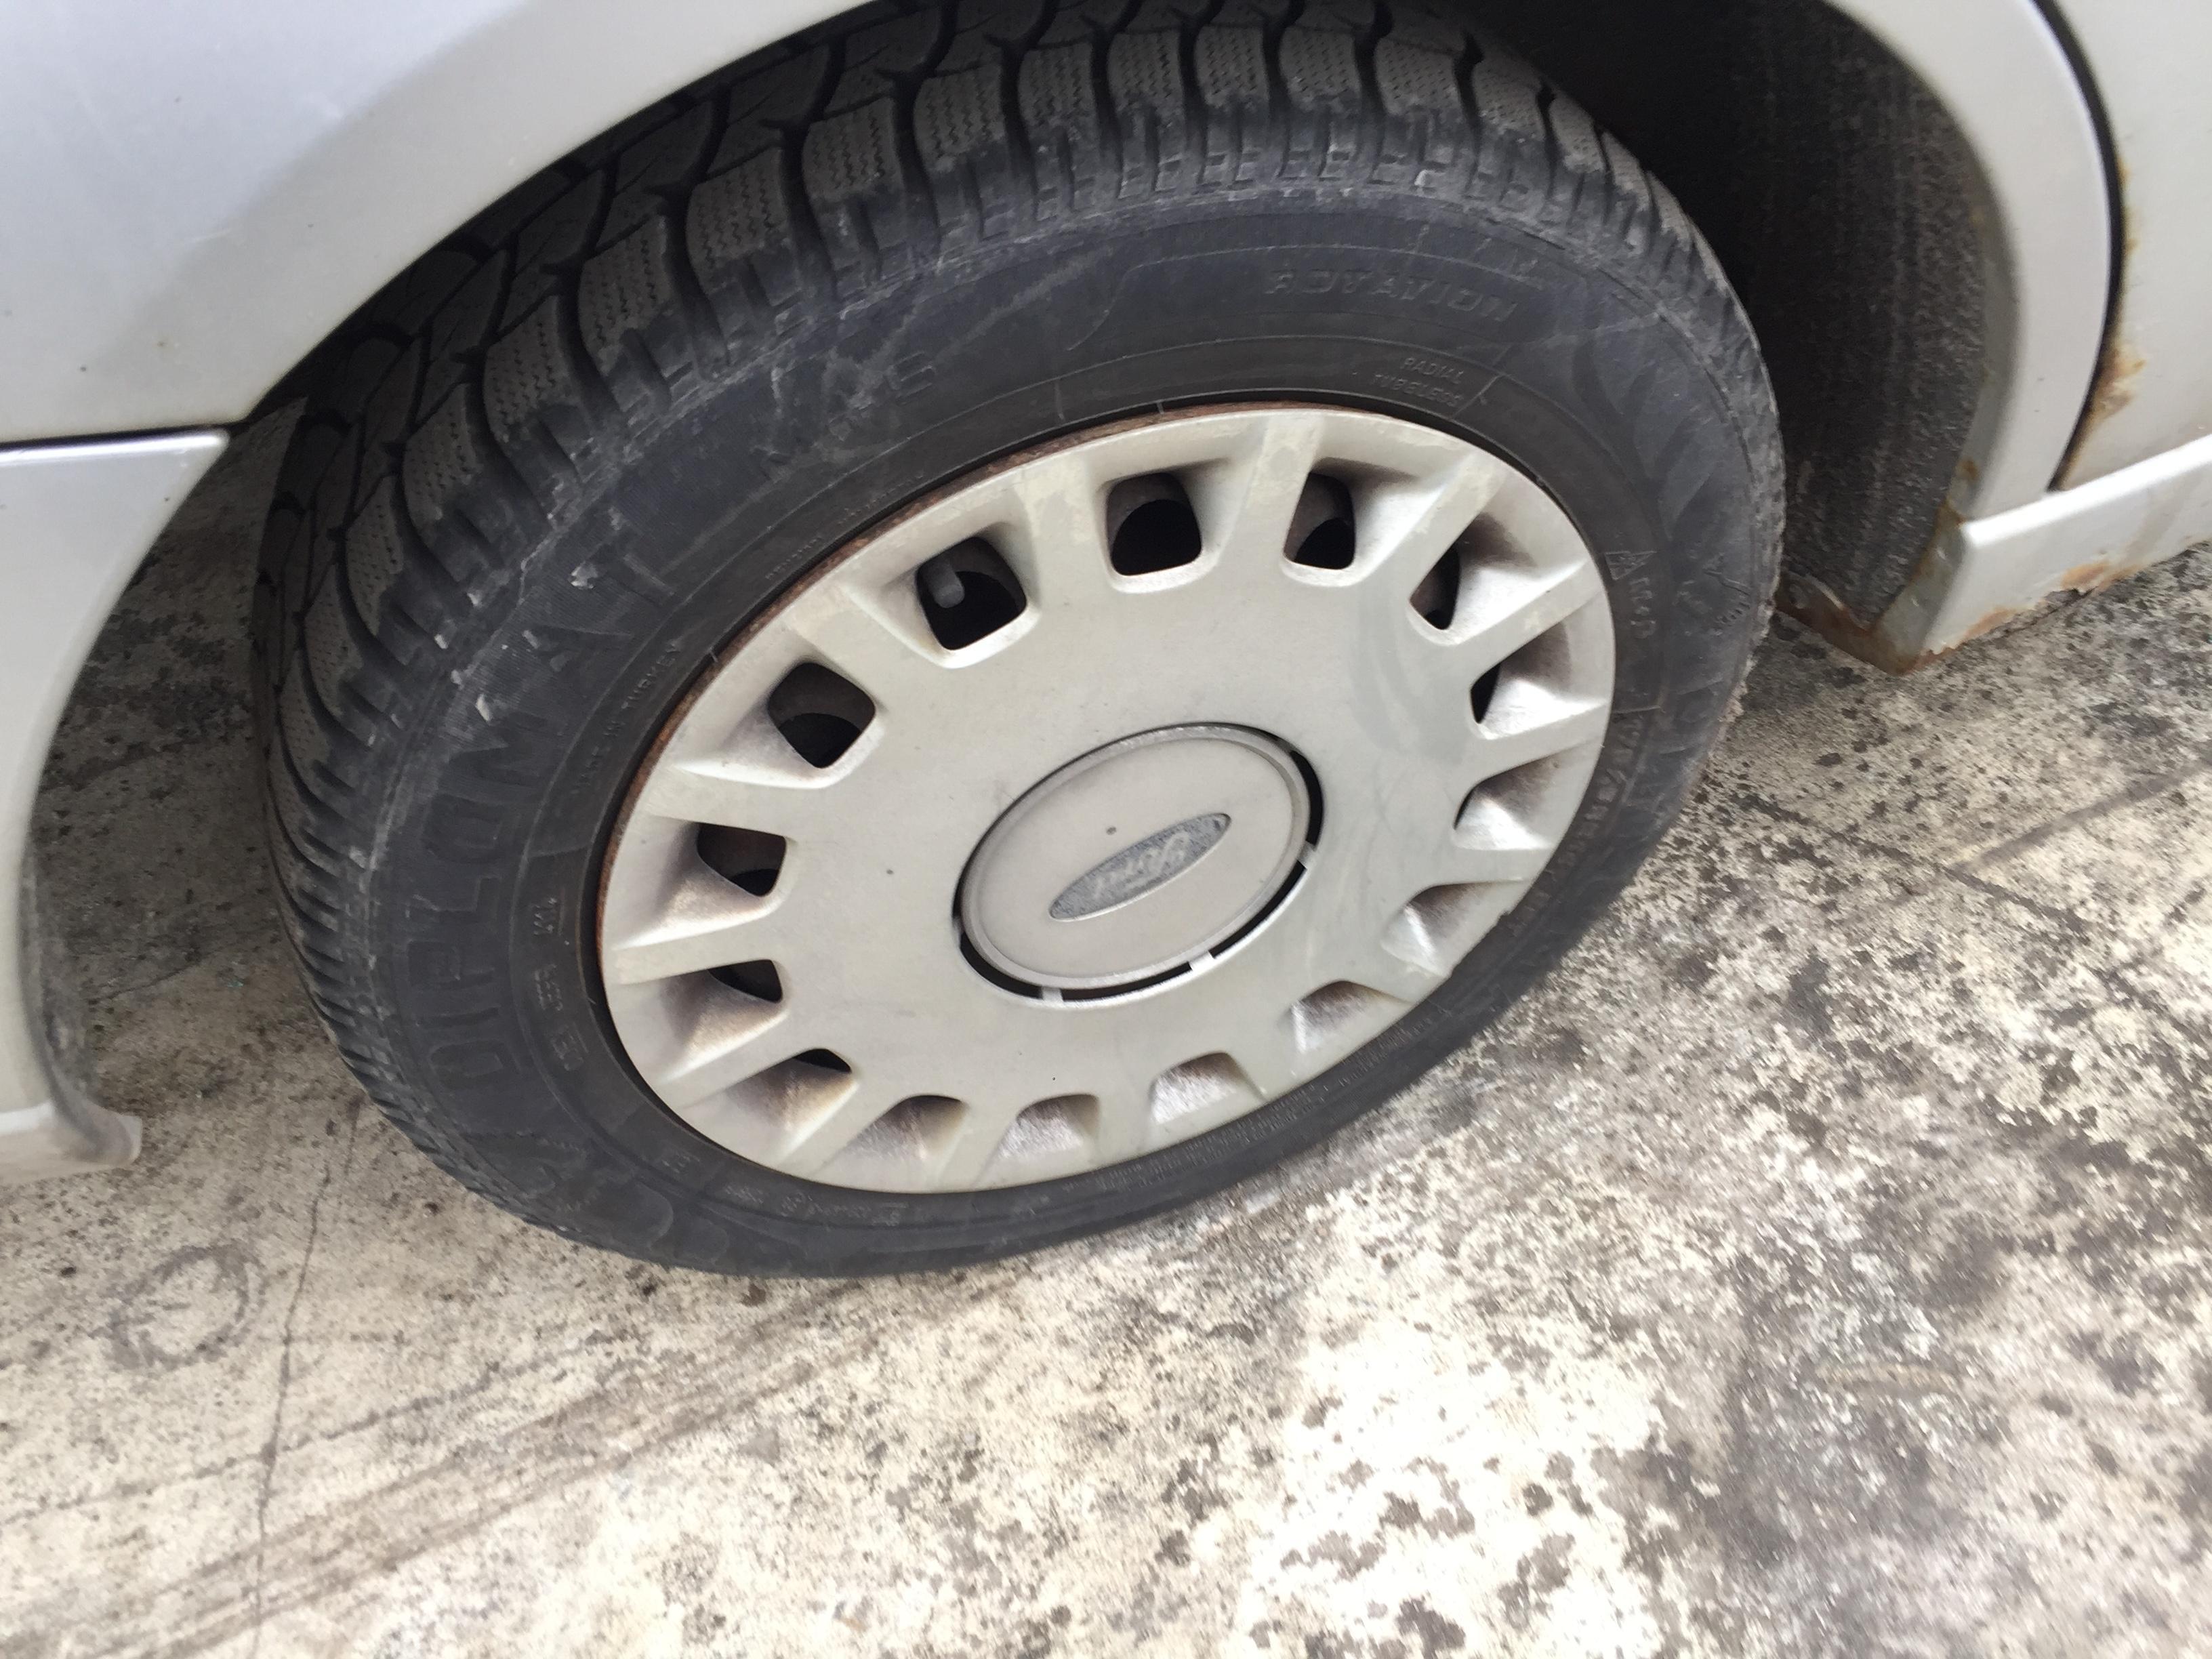 Подержанные Автозапчасти Foto 8 Ford FOCUS 1999 1.8 машиностроение универсал 4/5 d. серебро 2017-9-01 A3440